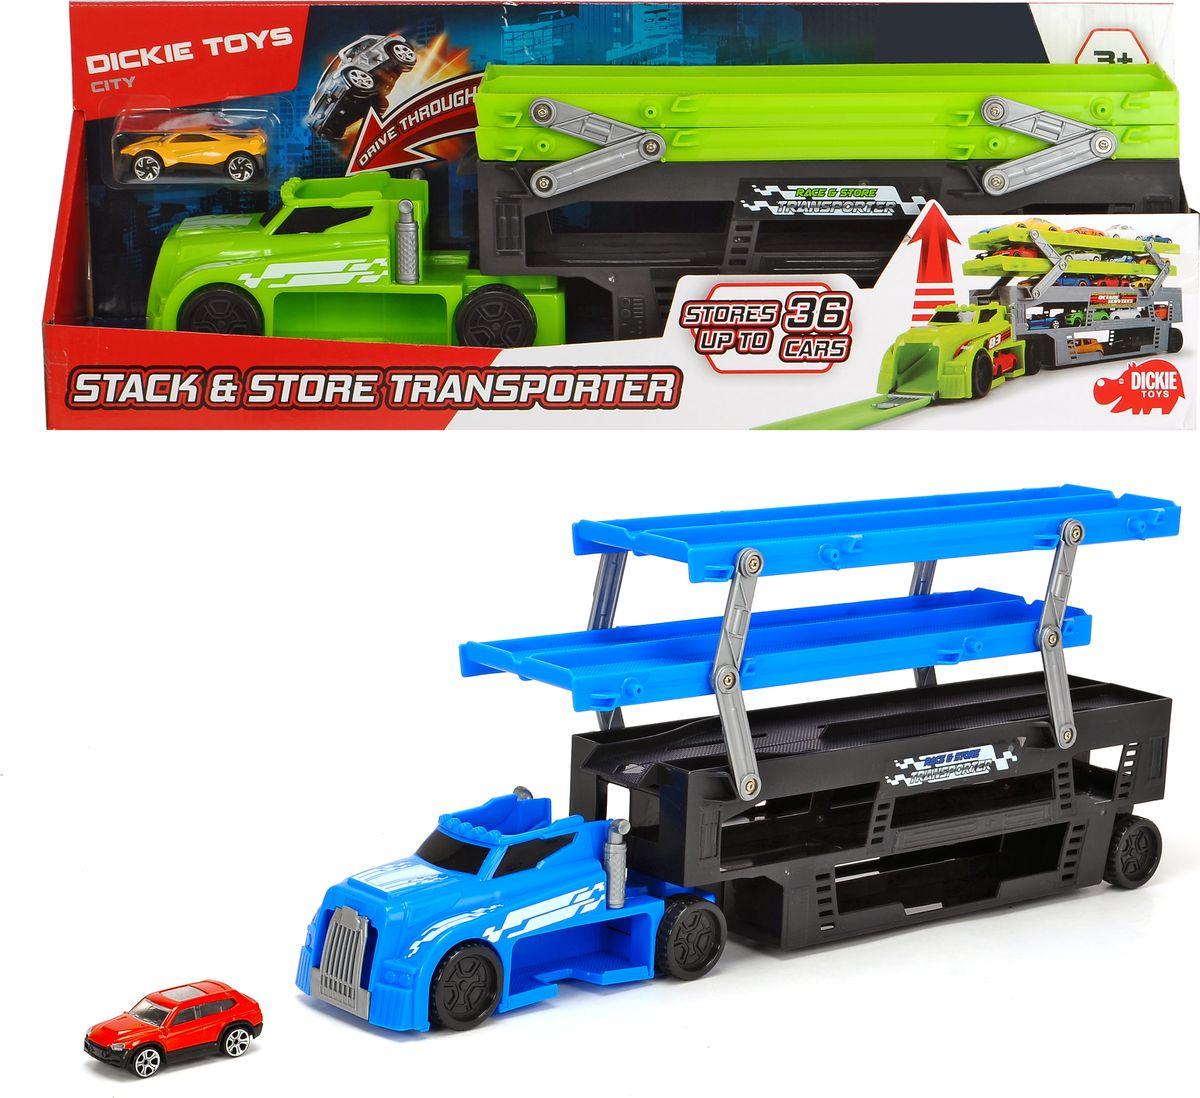 Автовоз Dickie Toys City, цвет: зеленый, 44,5 см + 1 машинка dickie toys набор машинок car trailer 5 шт